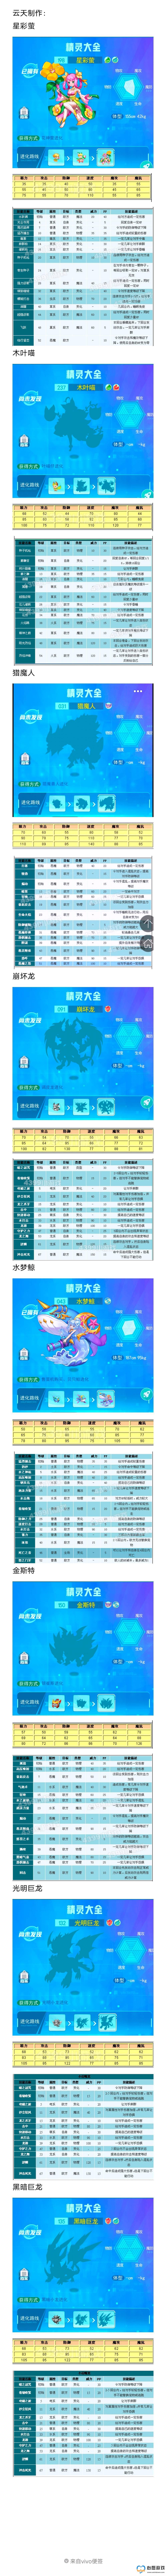 超级精灵手表精灵图鉴大全2021_wishdown.com